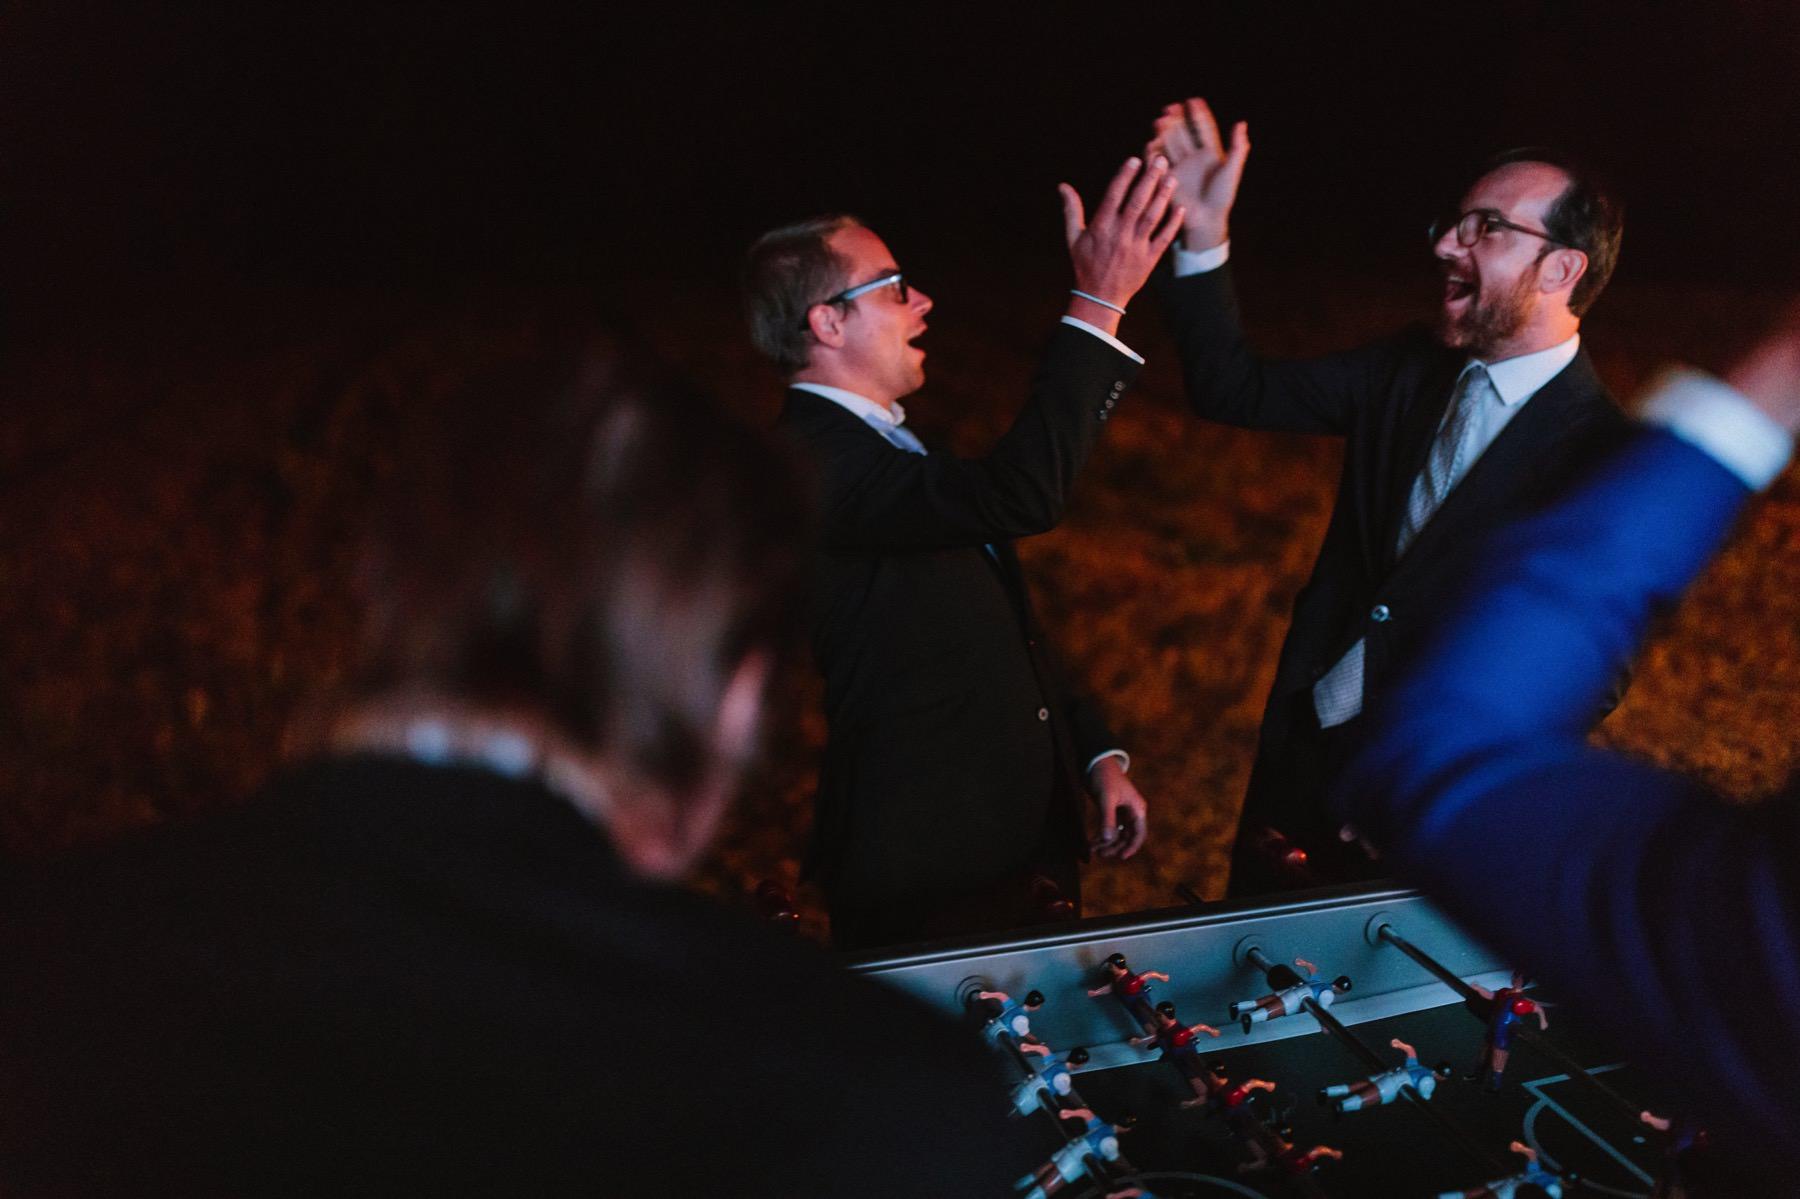 wedding foosball game